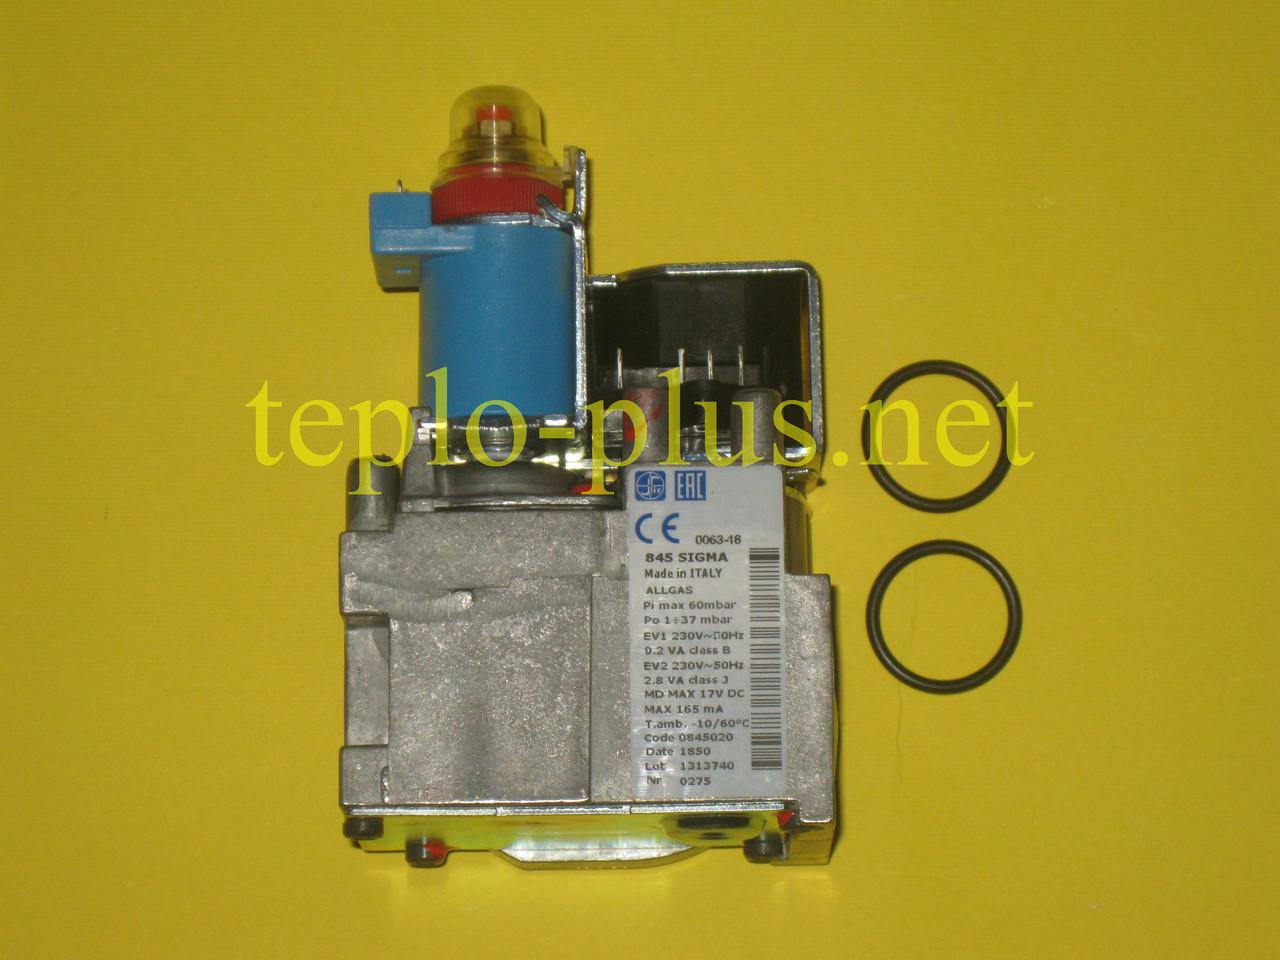 Газовый клапан Sit 845 SIGMA (фланцевое соединение) 65104254 (997656) Ariston Egis, Clas, Genus, Matis